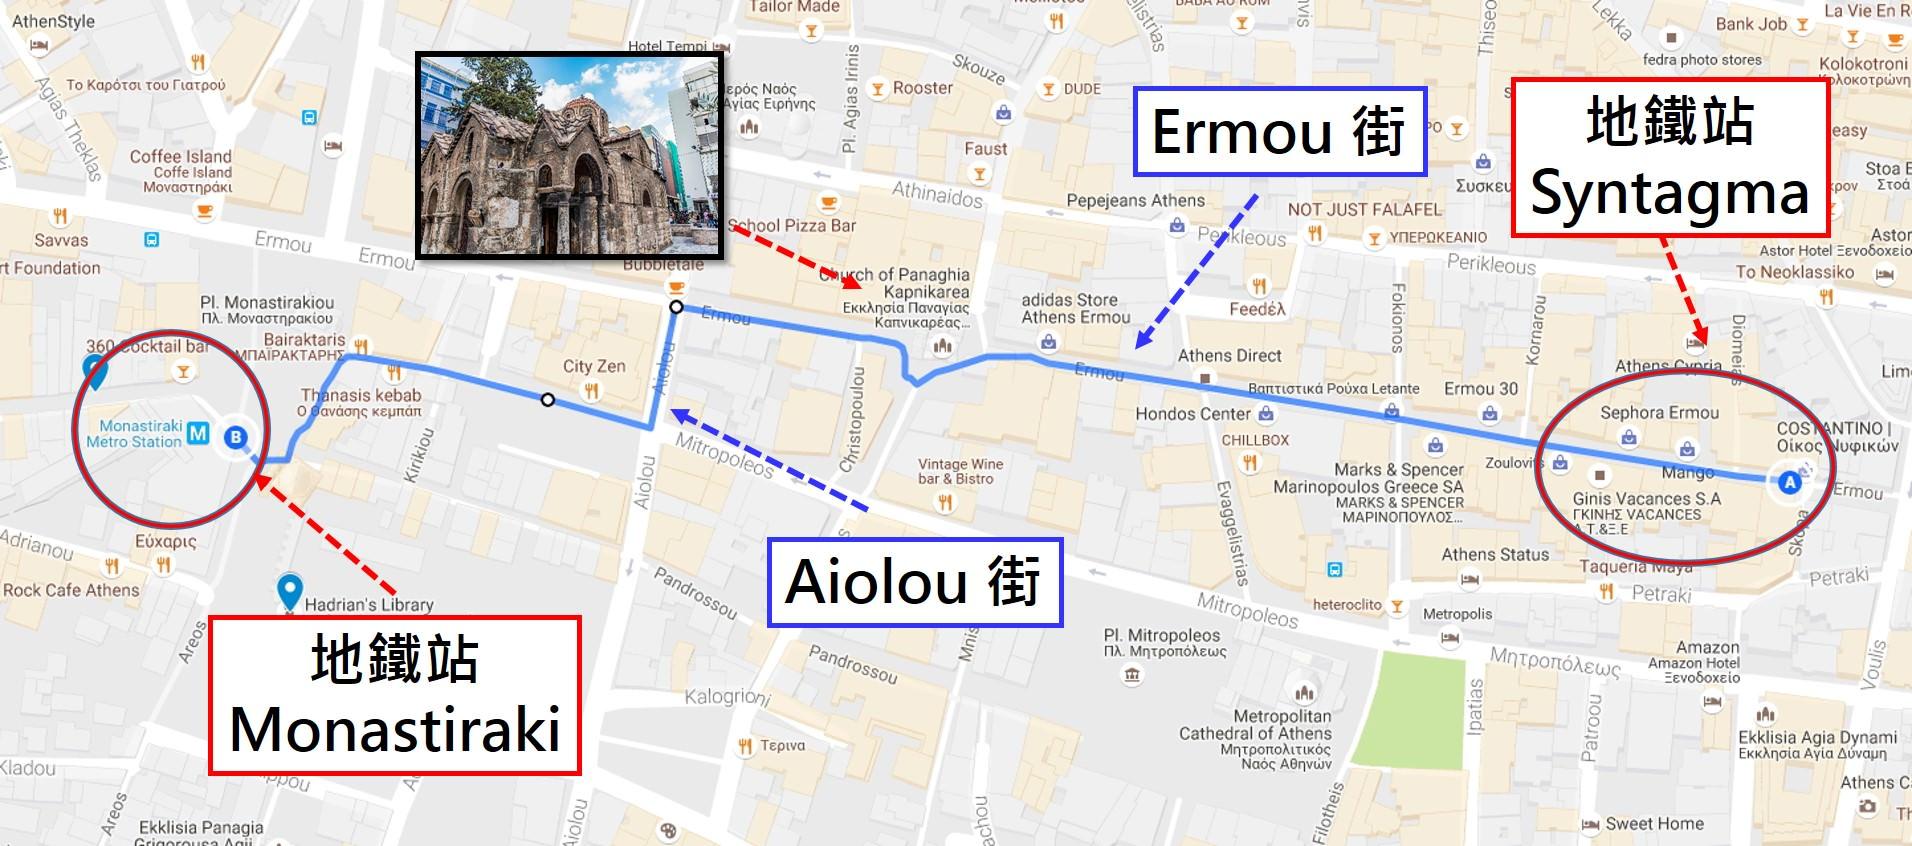 雅典市區散步路線